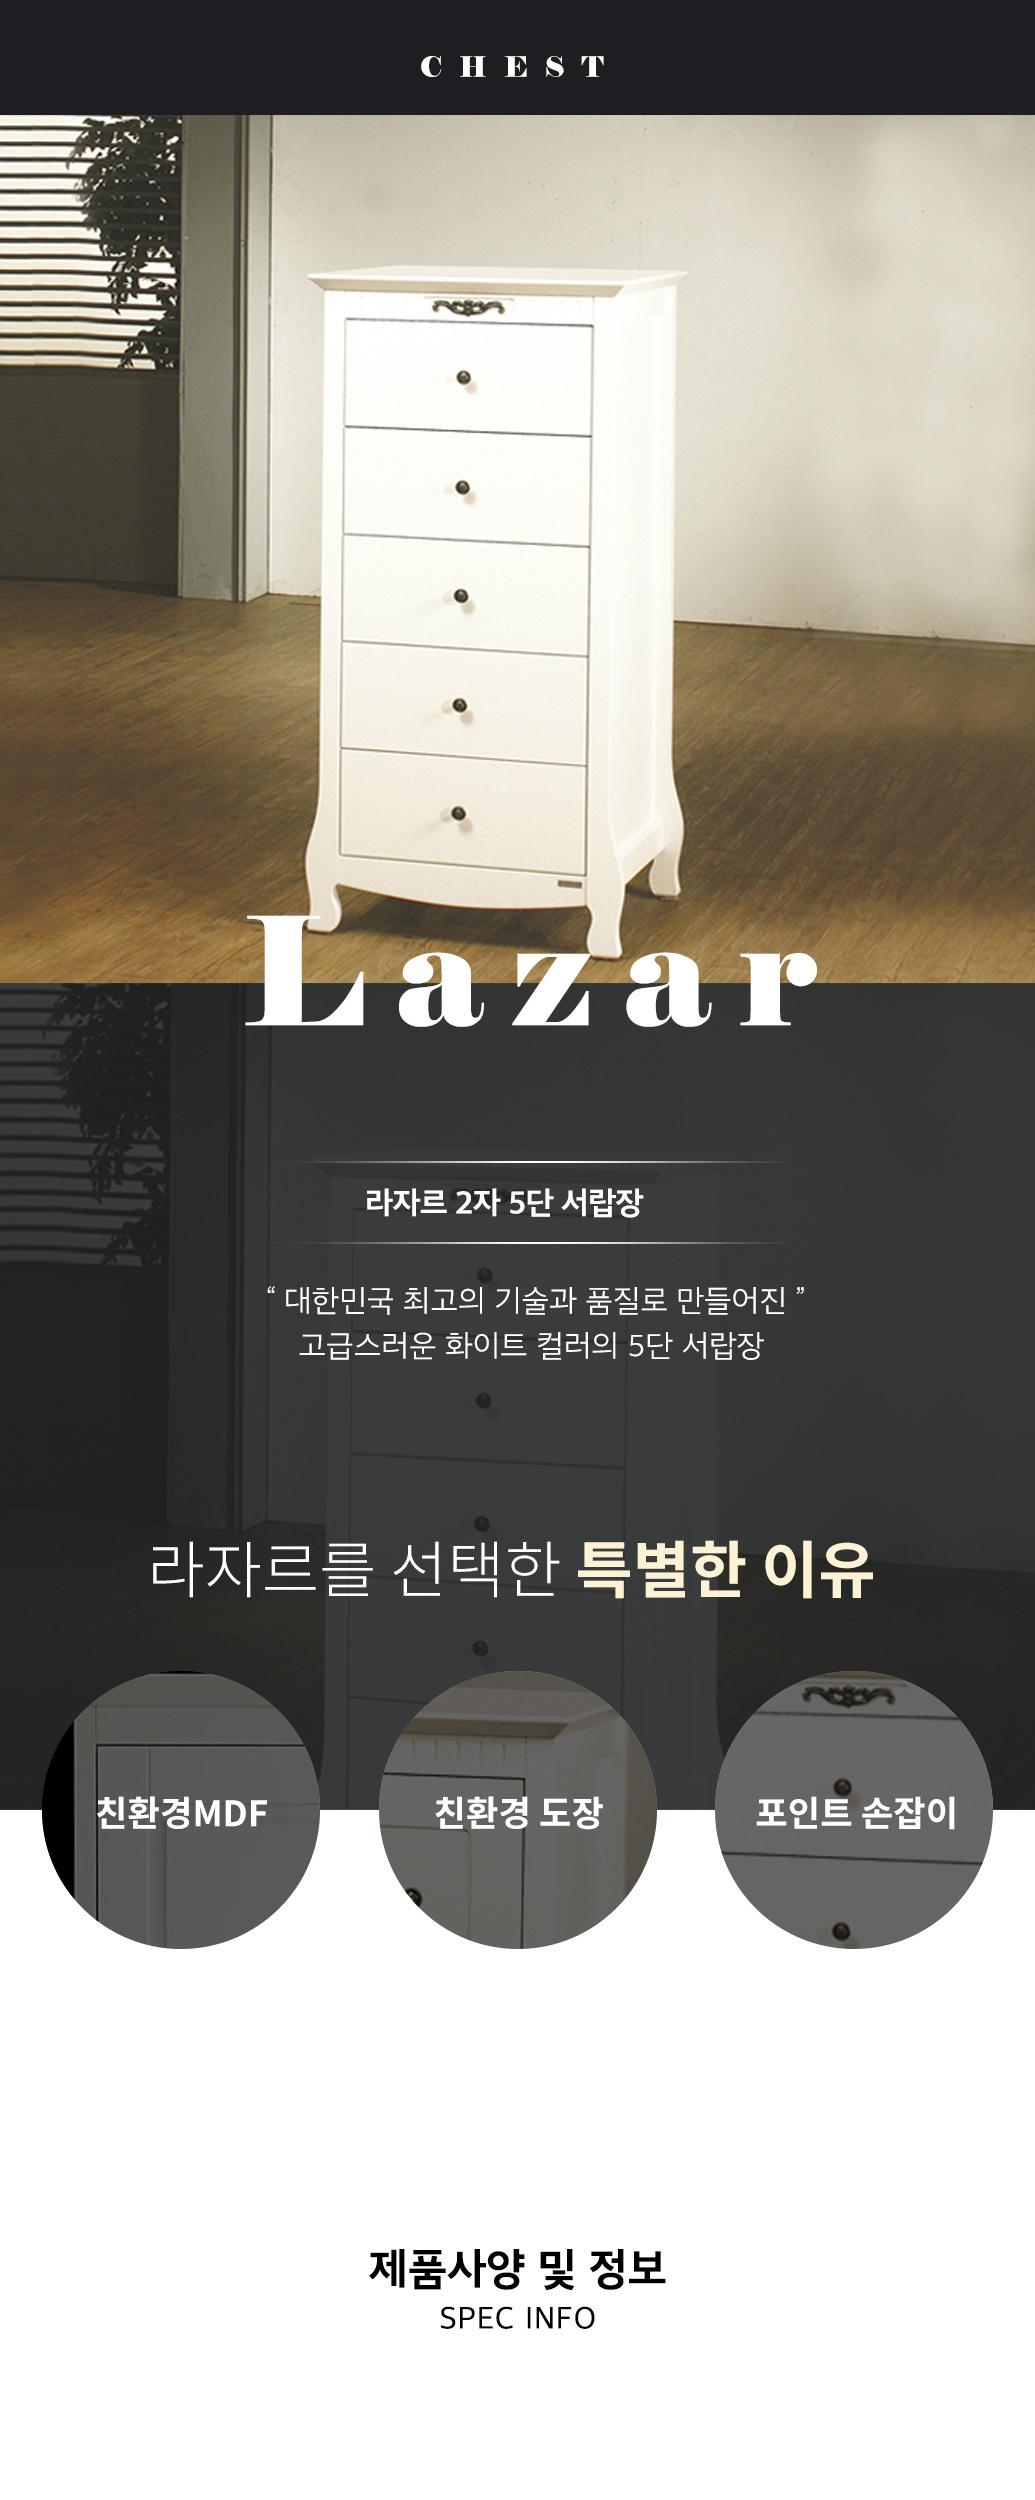 lazar_01.jpg